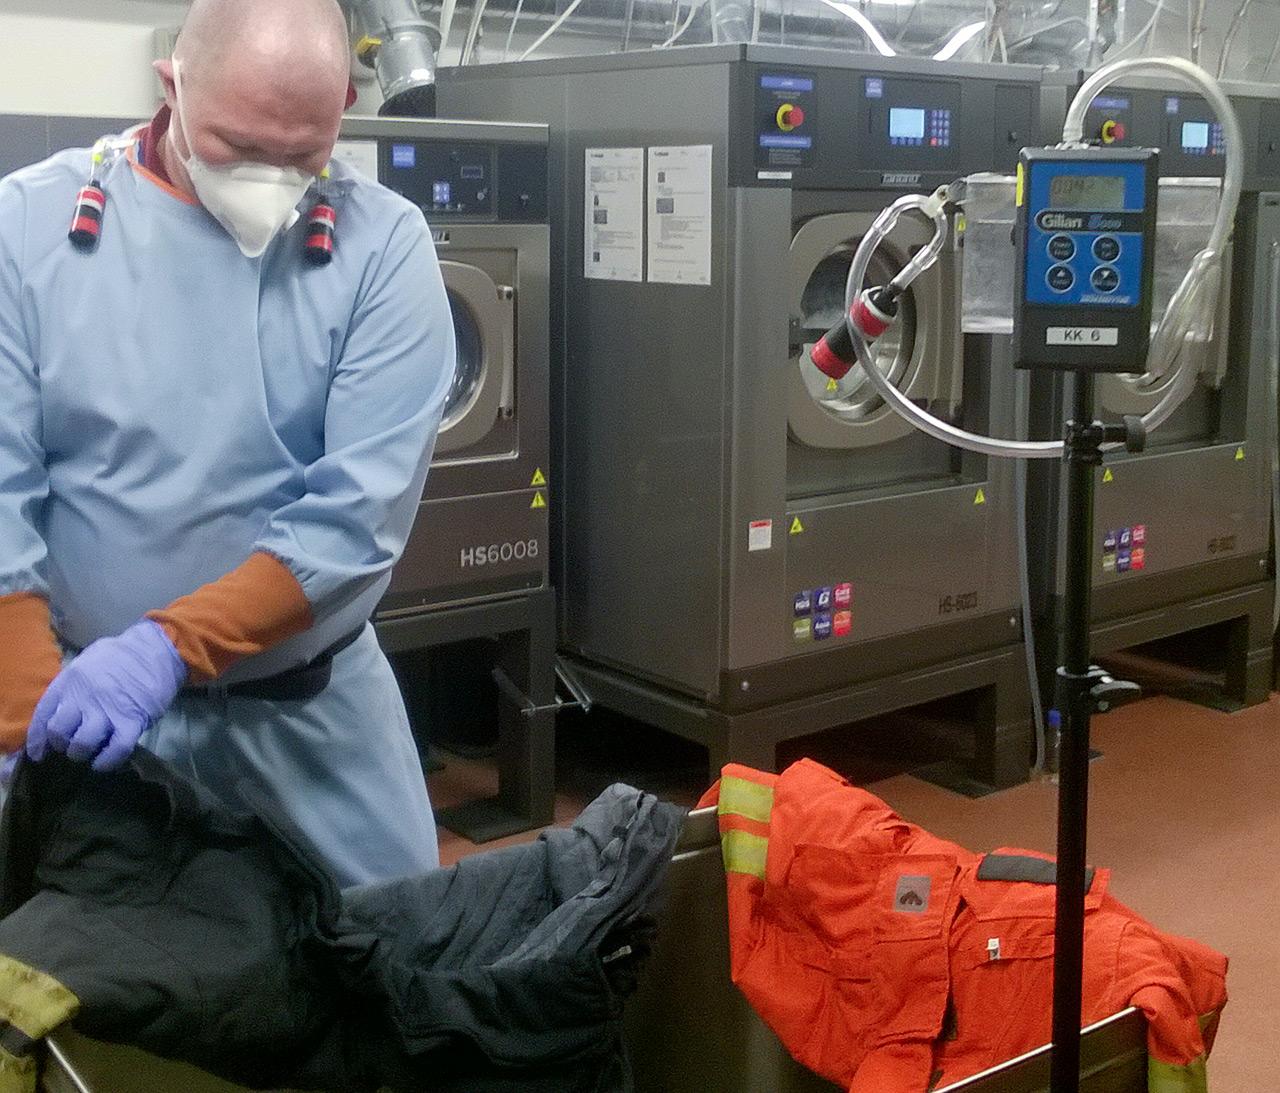 Hankkeessa tutkitaan myös sitä, vaikuttaako pesukoneessa oleva vaatemäärä pesutulokseen. Varusteita käsittelemässä Tero Kallinen Sakupe Oy:stä.